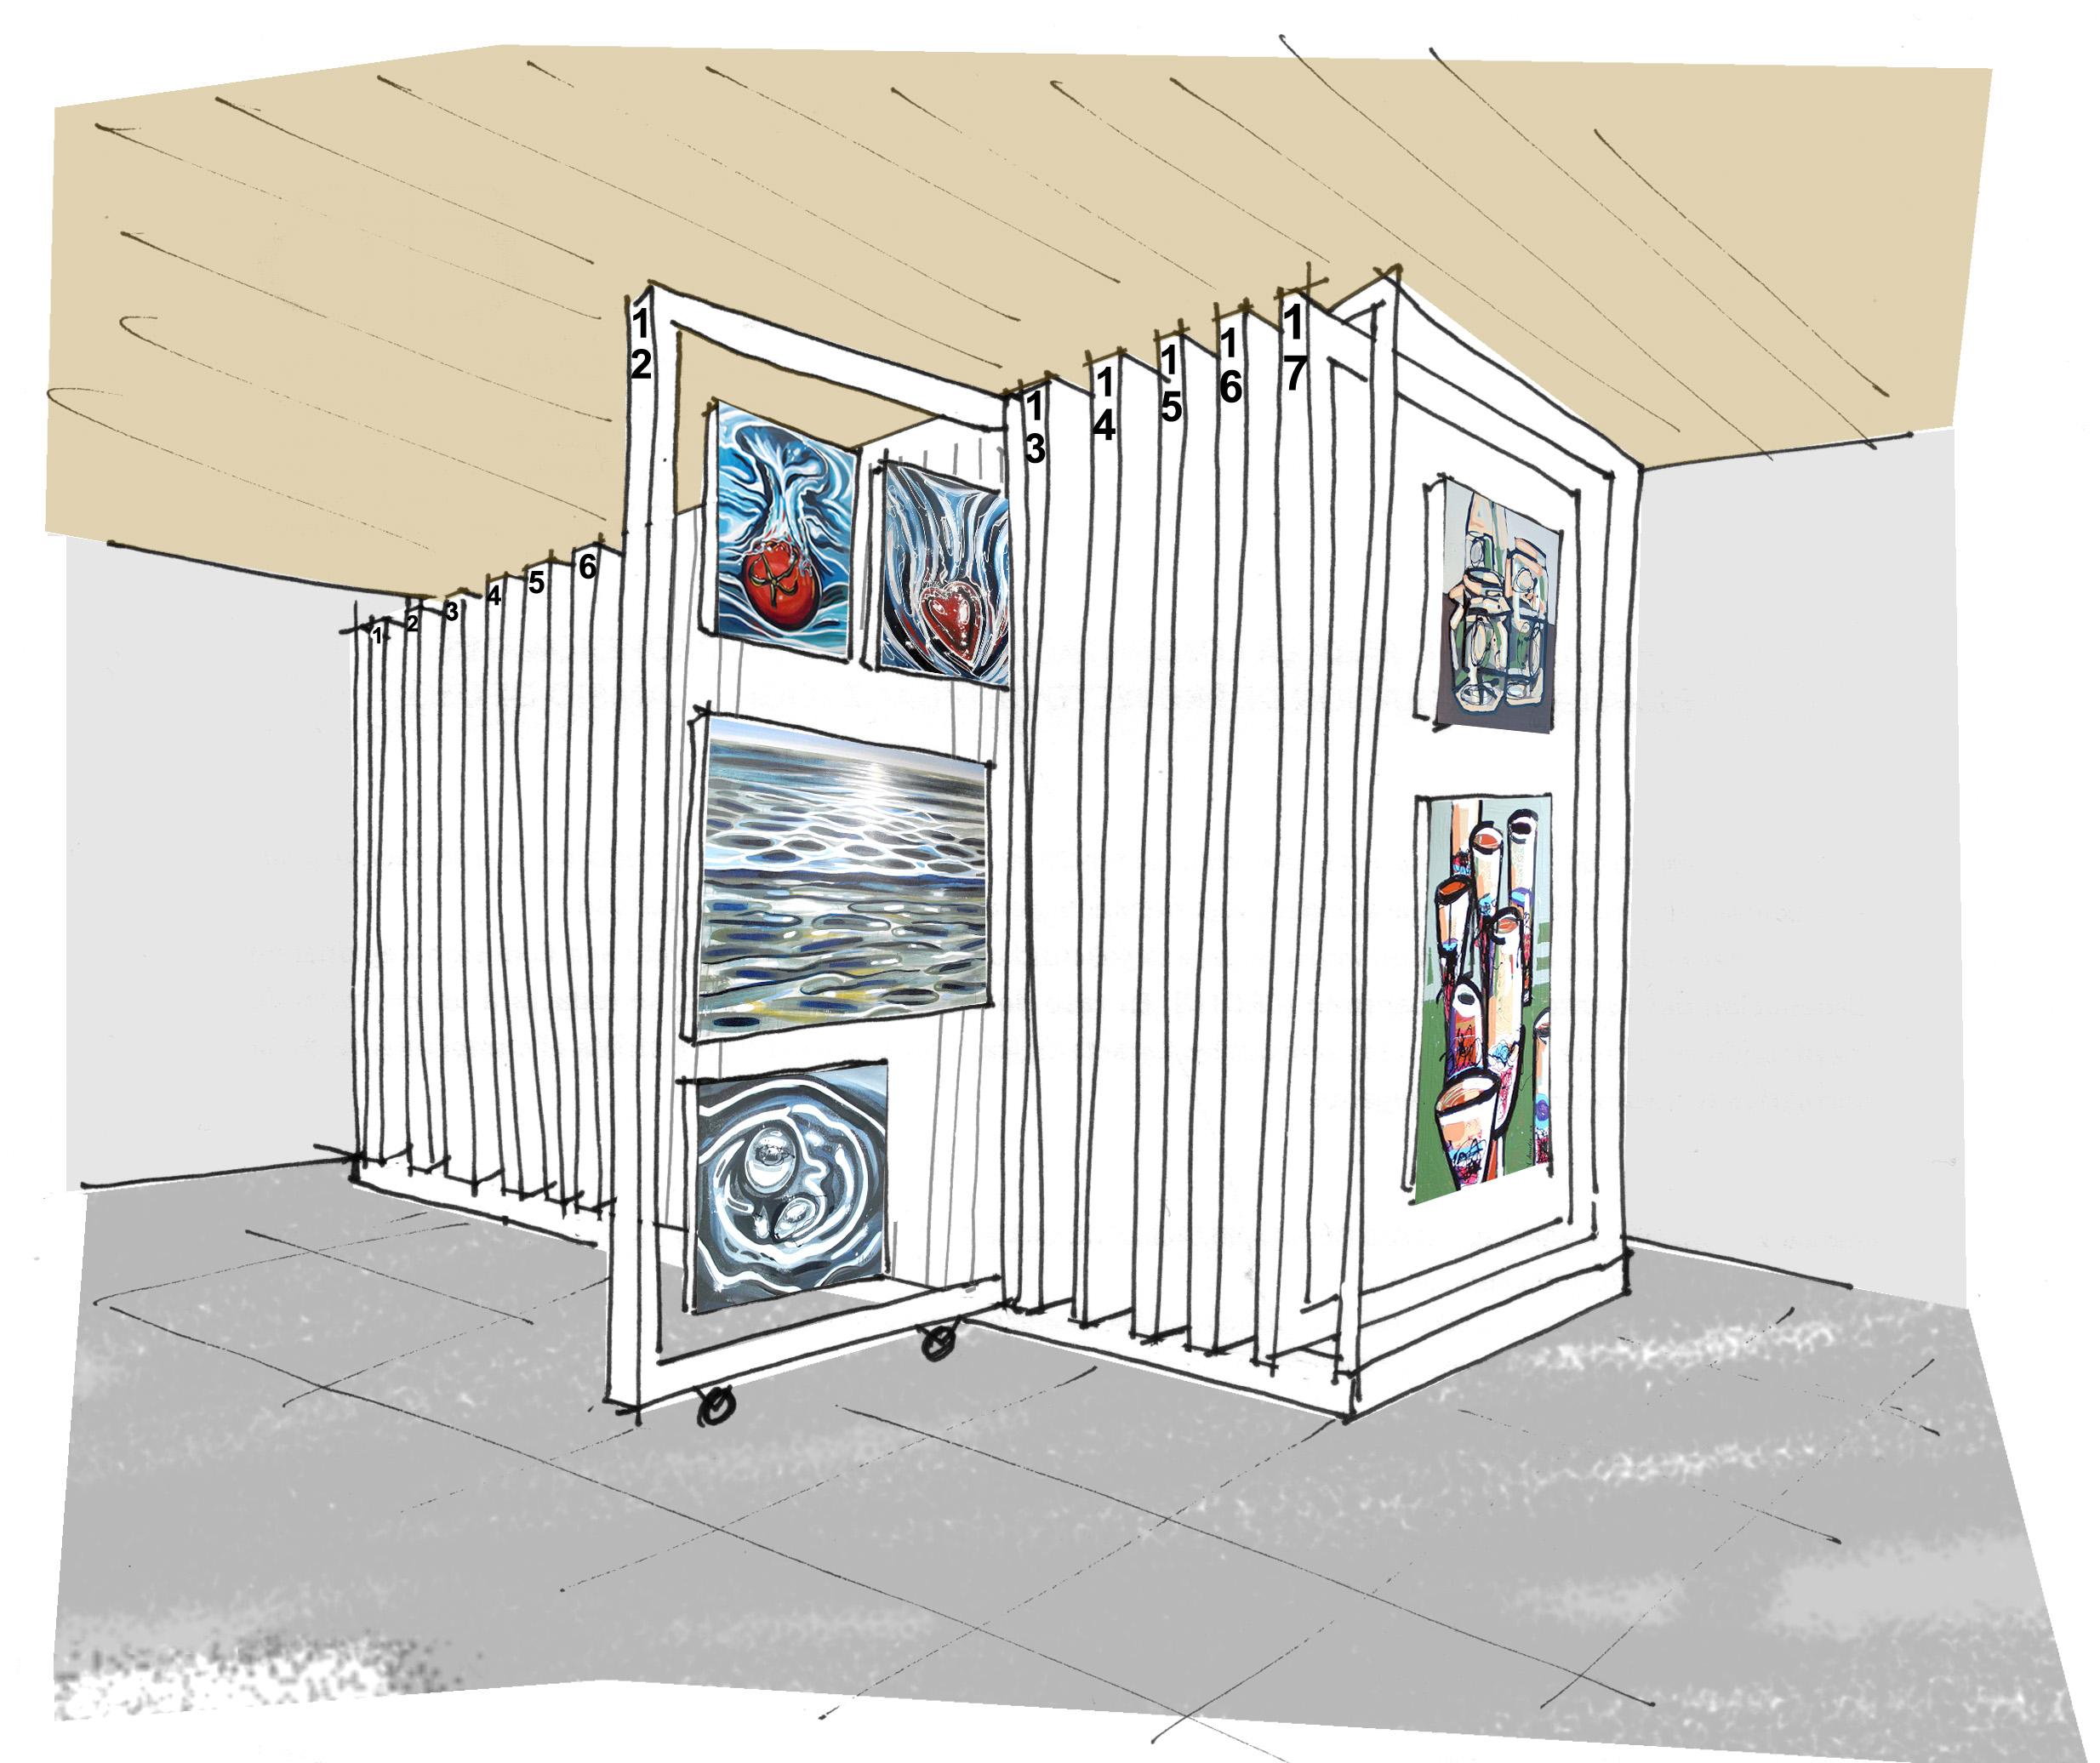 Mobiliario de galería de arte